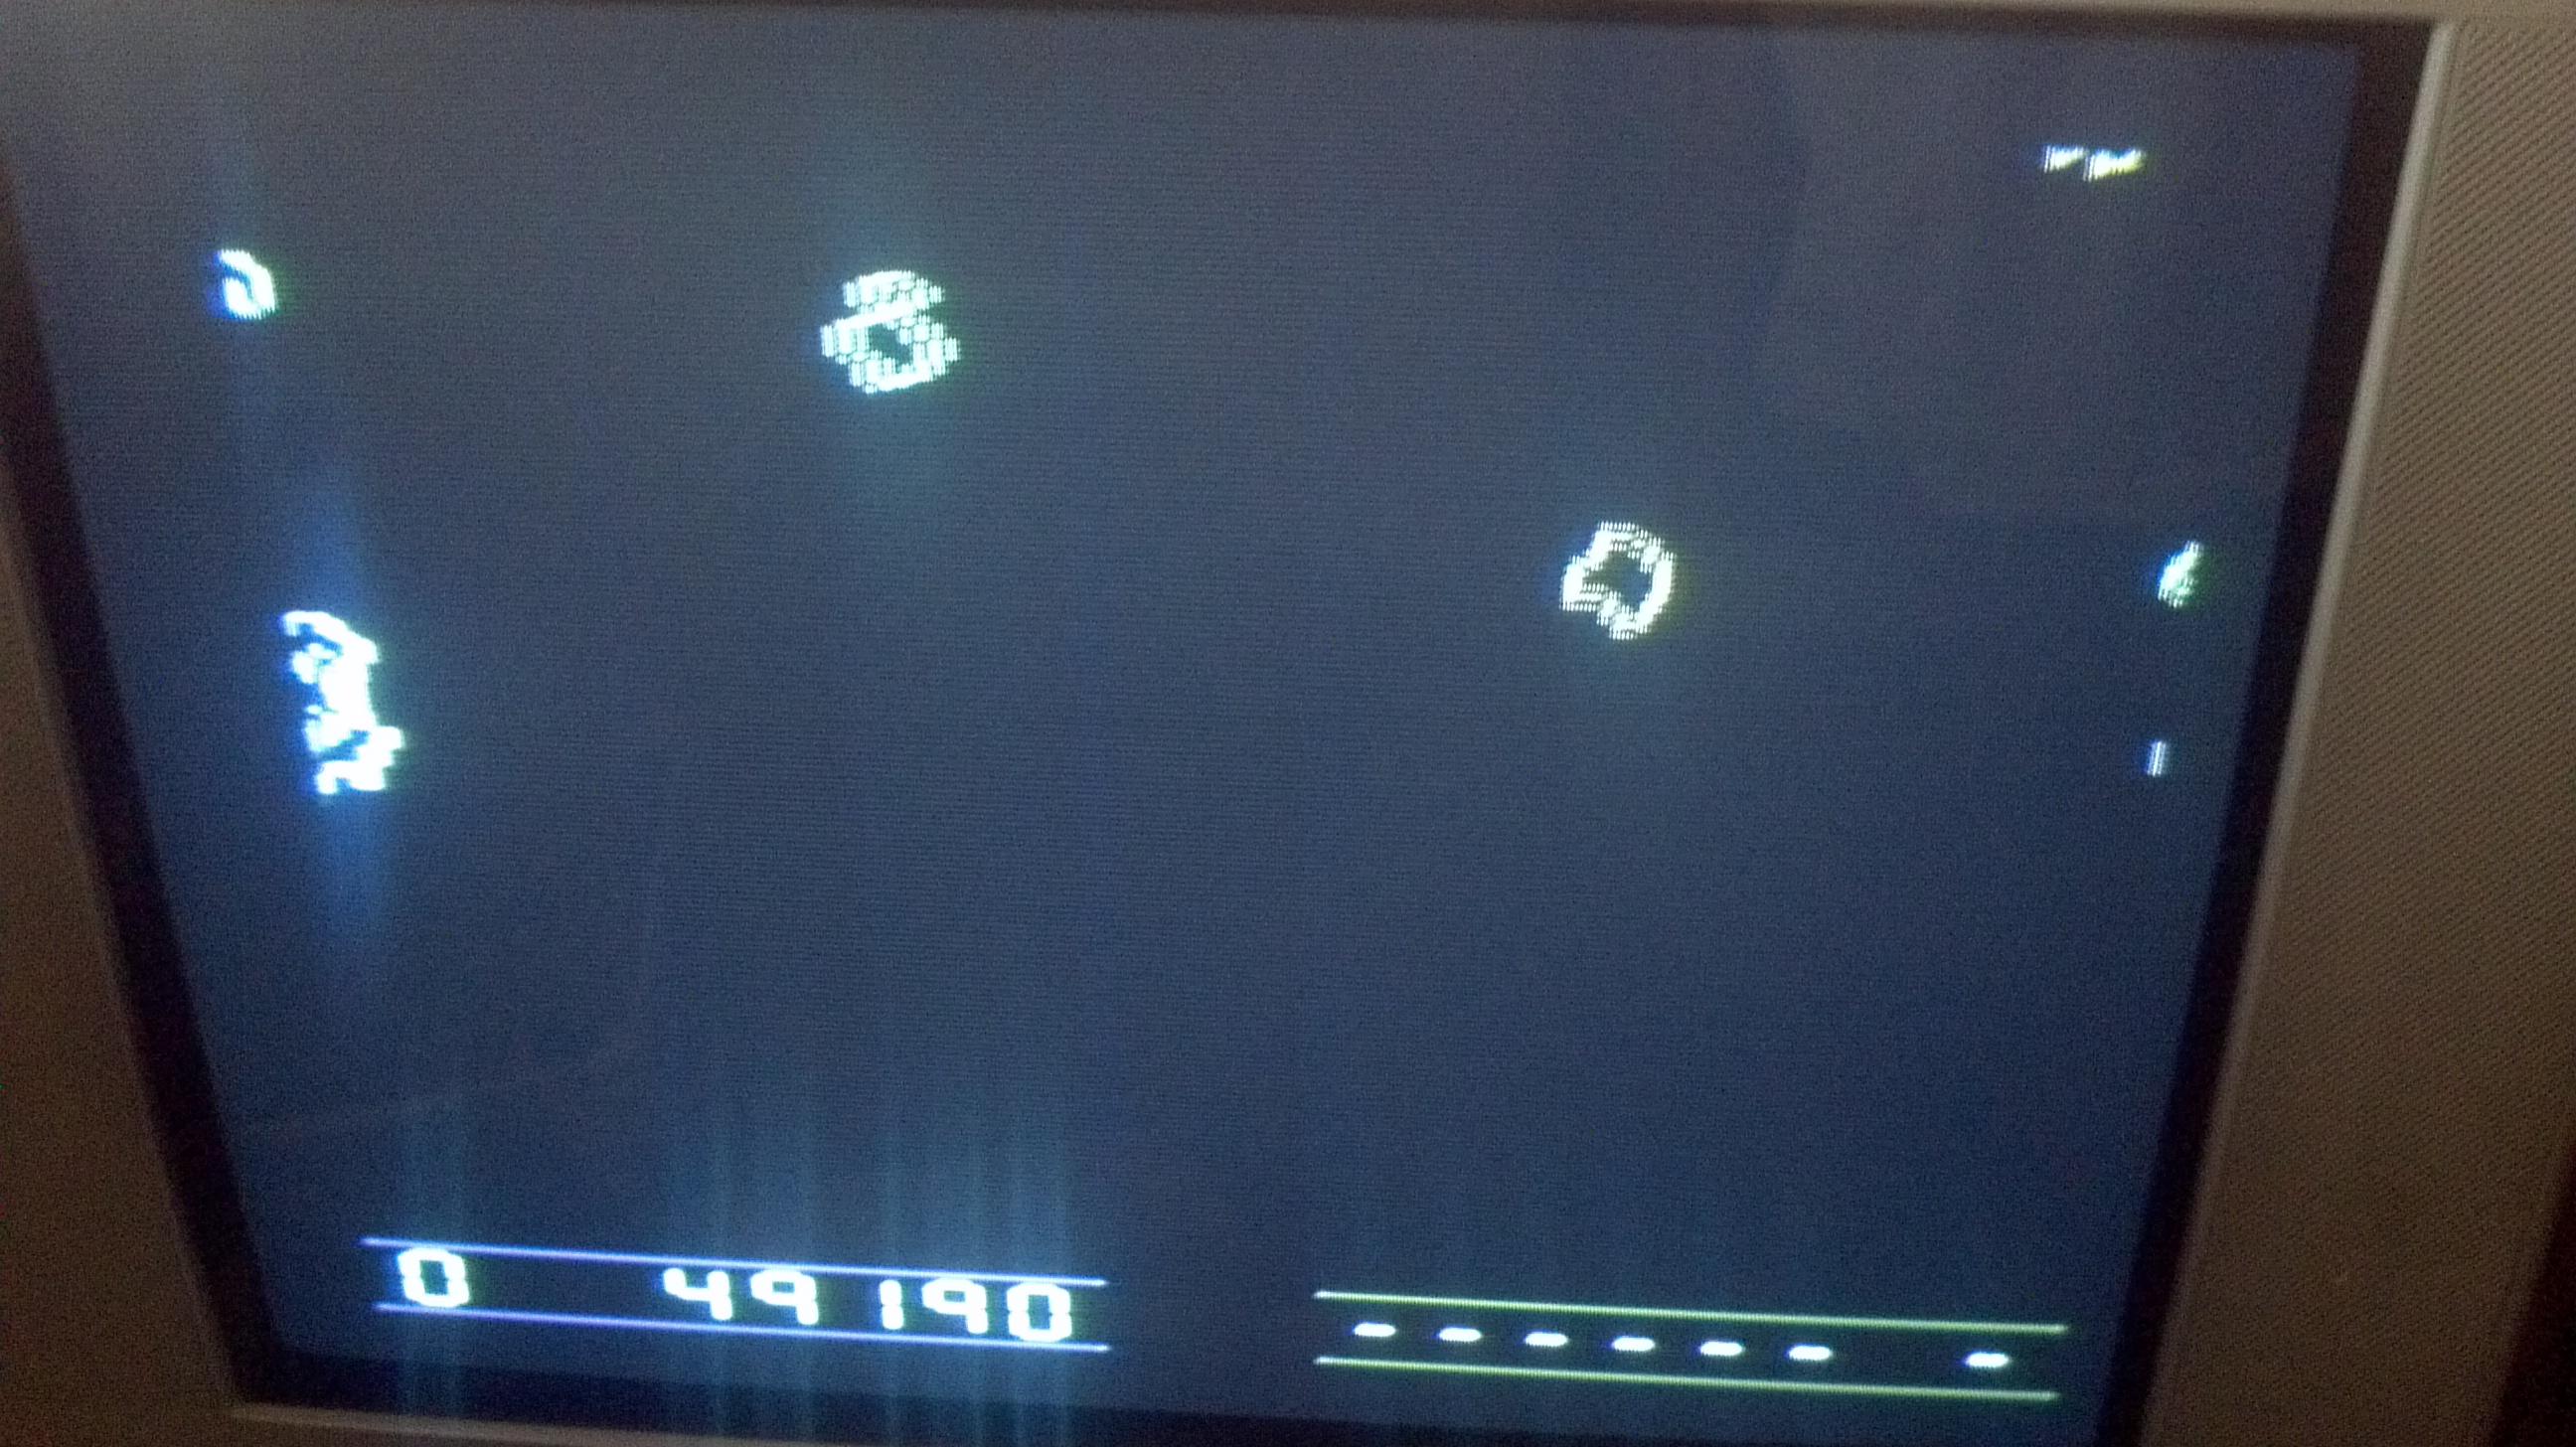 Liduario: Space Rocks (Atari 2600) 49,190 points on 2014-05-10 22:22:59